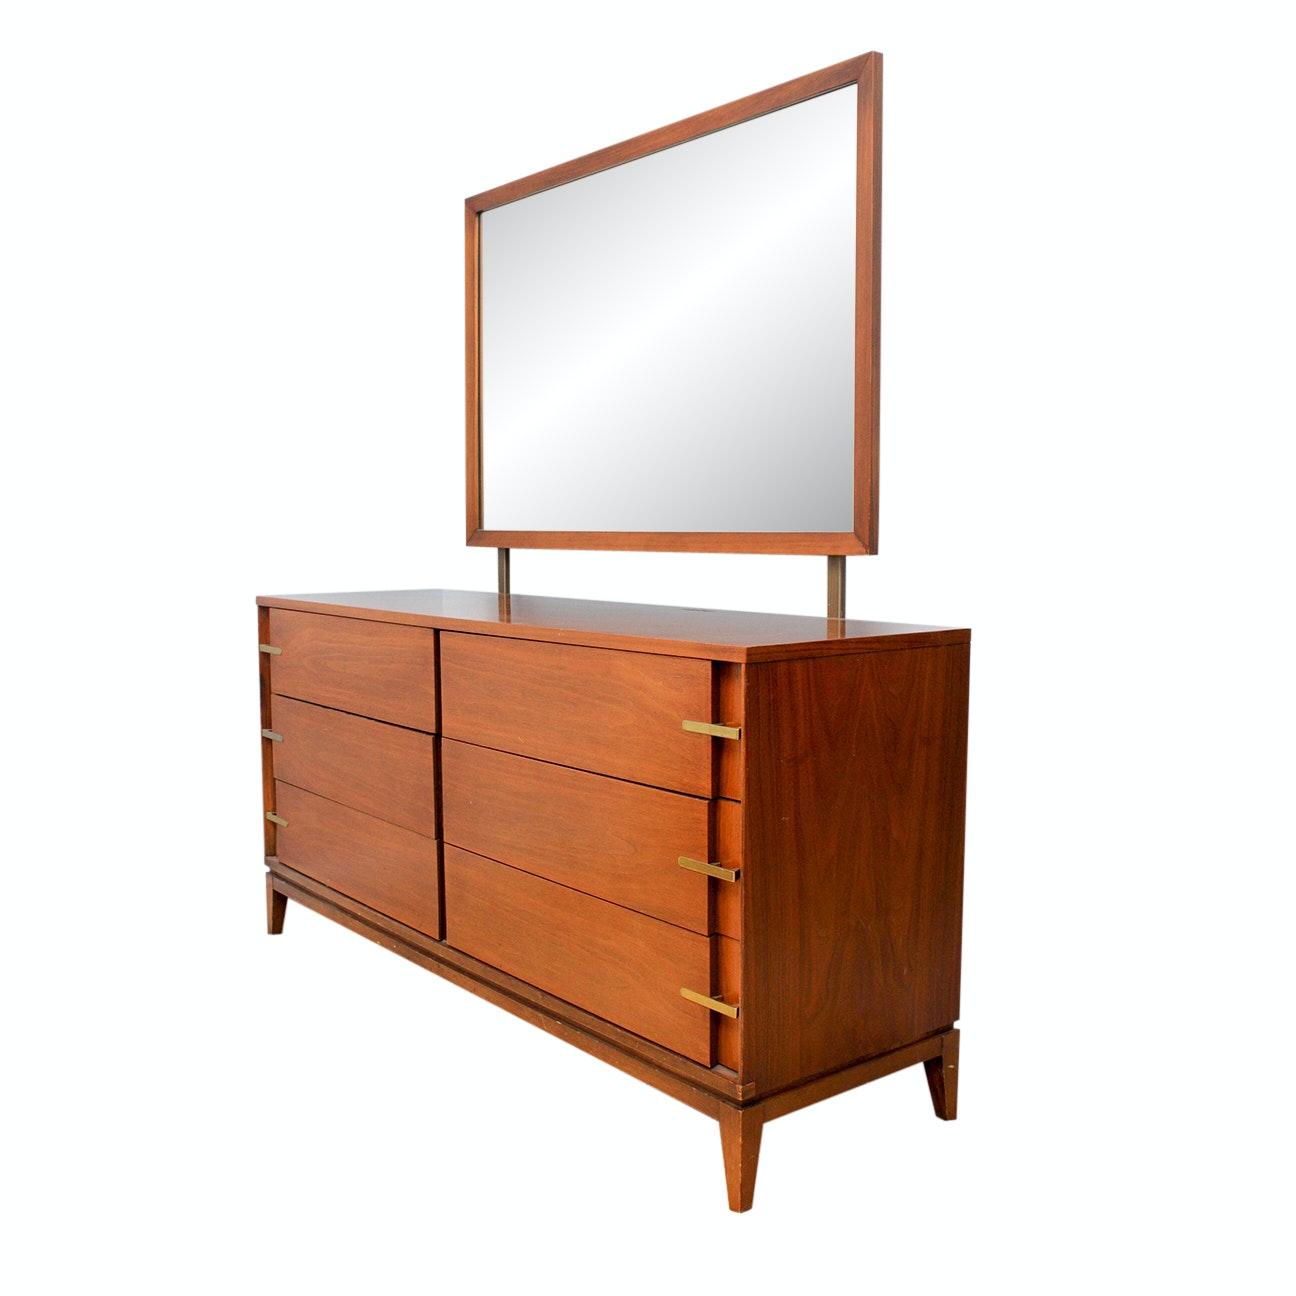 Mid-Century Modern Dresser with Mirror by Basic-Witz Furniture